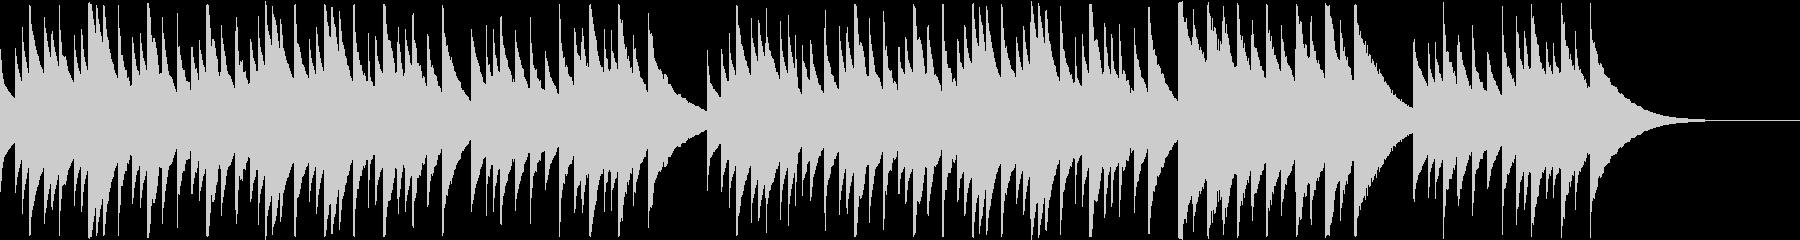 冬の夜に似合うグロッケンの小曲の未再生の波形